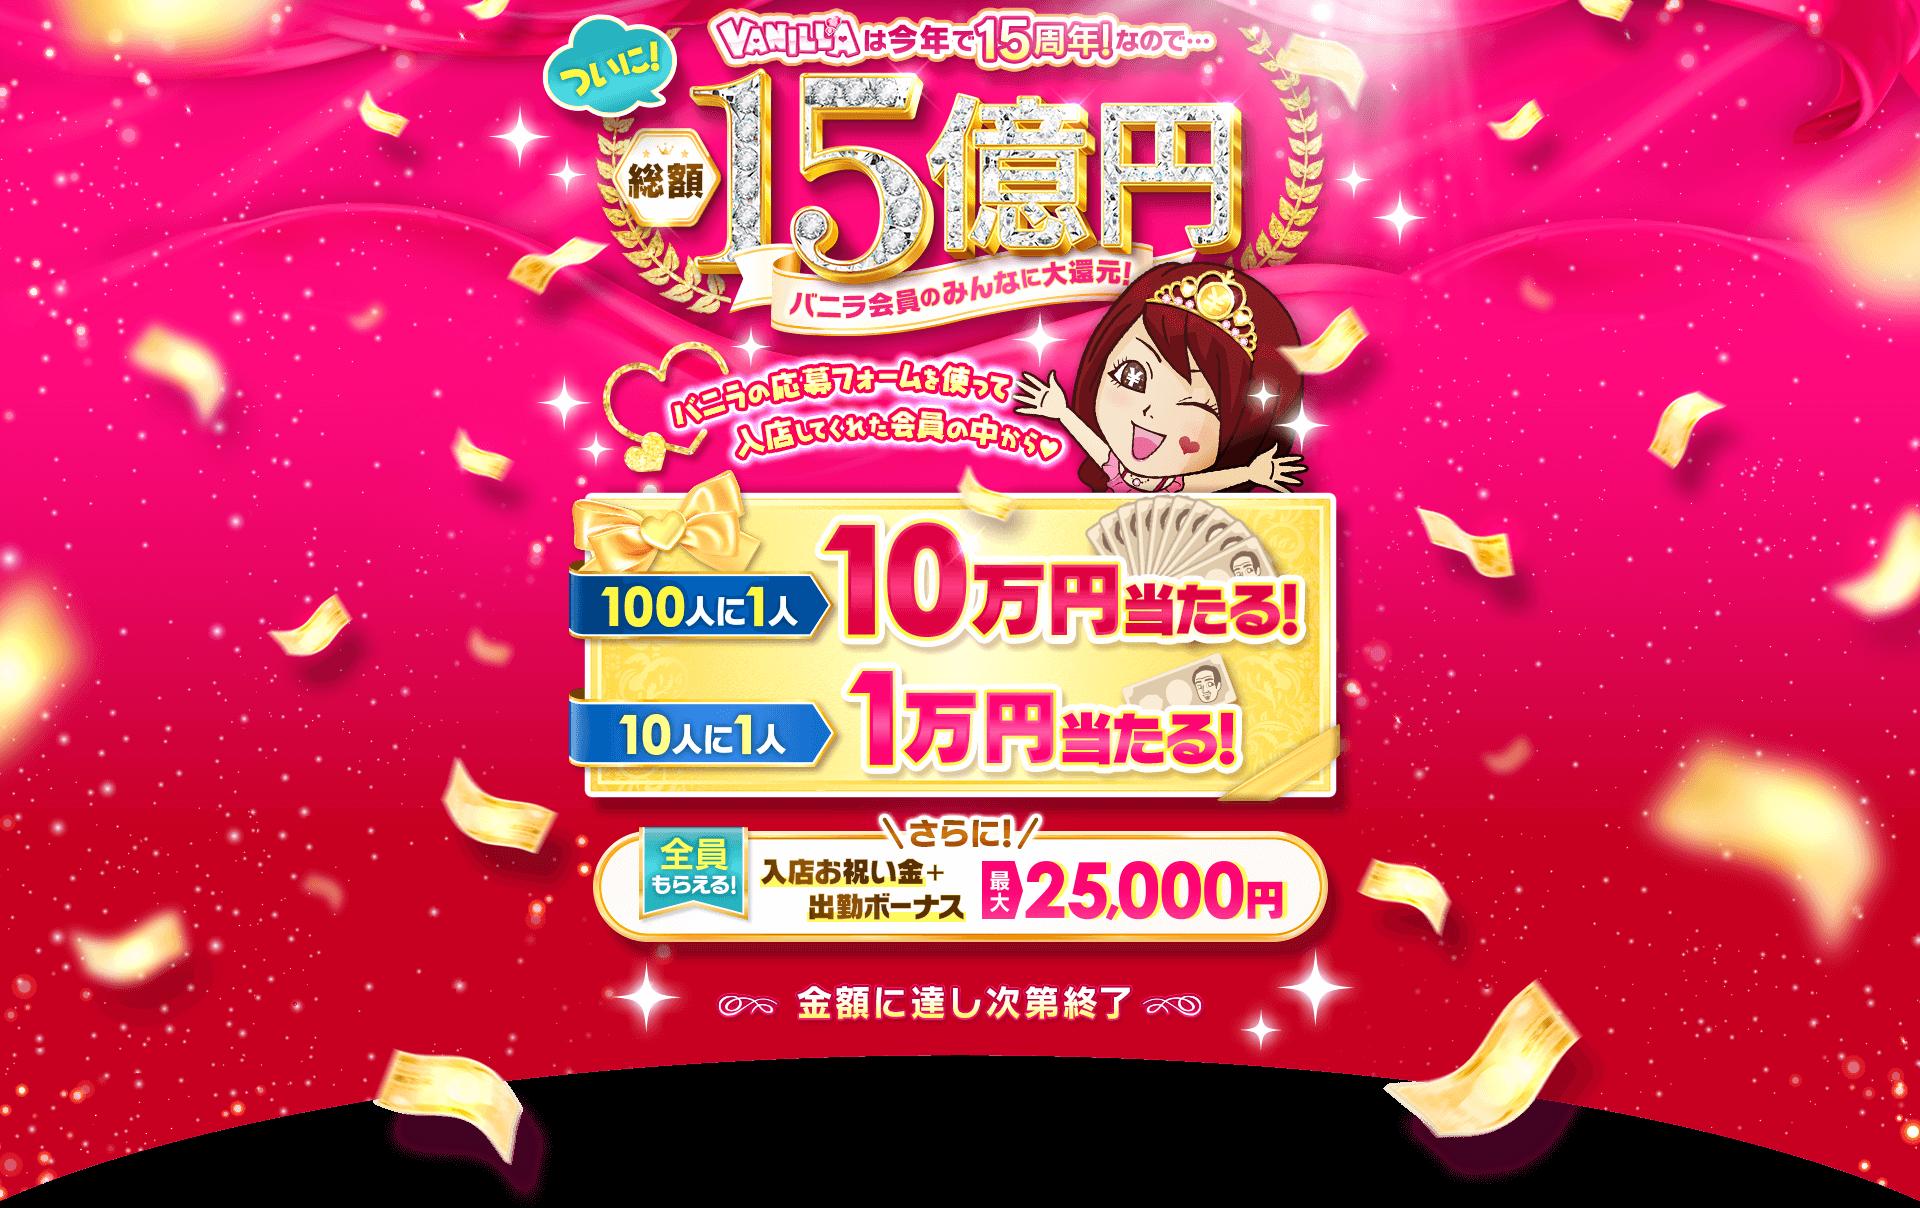 総額1000万円!バニラ会員限定体験入店キャンペーン